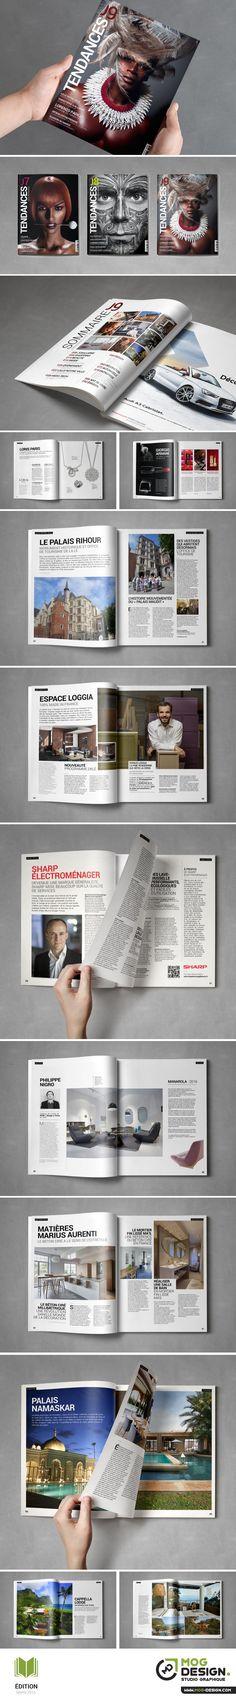 Vous avez enregistré sur BOOK - Édition / Magazine Magazine Tendances Lille Métropole. Charte graphique Mars 2015. Maquette + Mise en page : MOG DESIGN